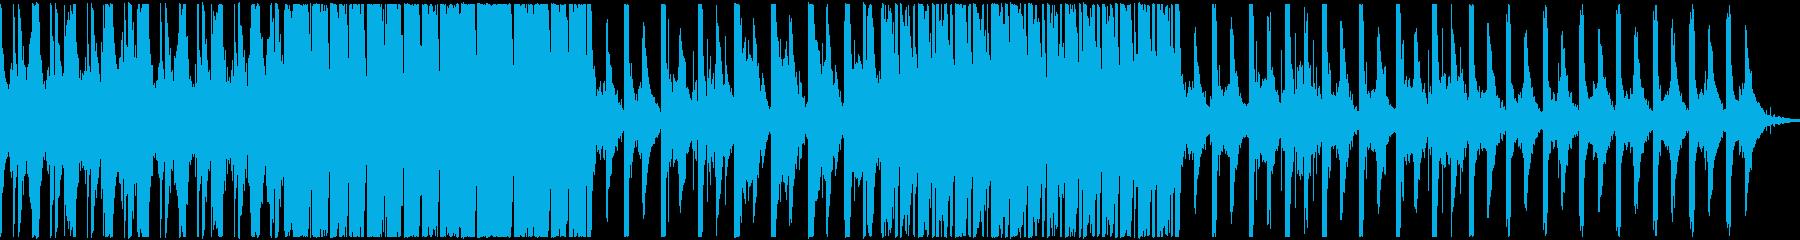 重厚で神秘的なピアノとベル主のエレクトロの再生済みの波形